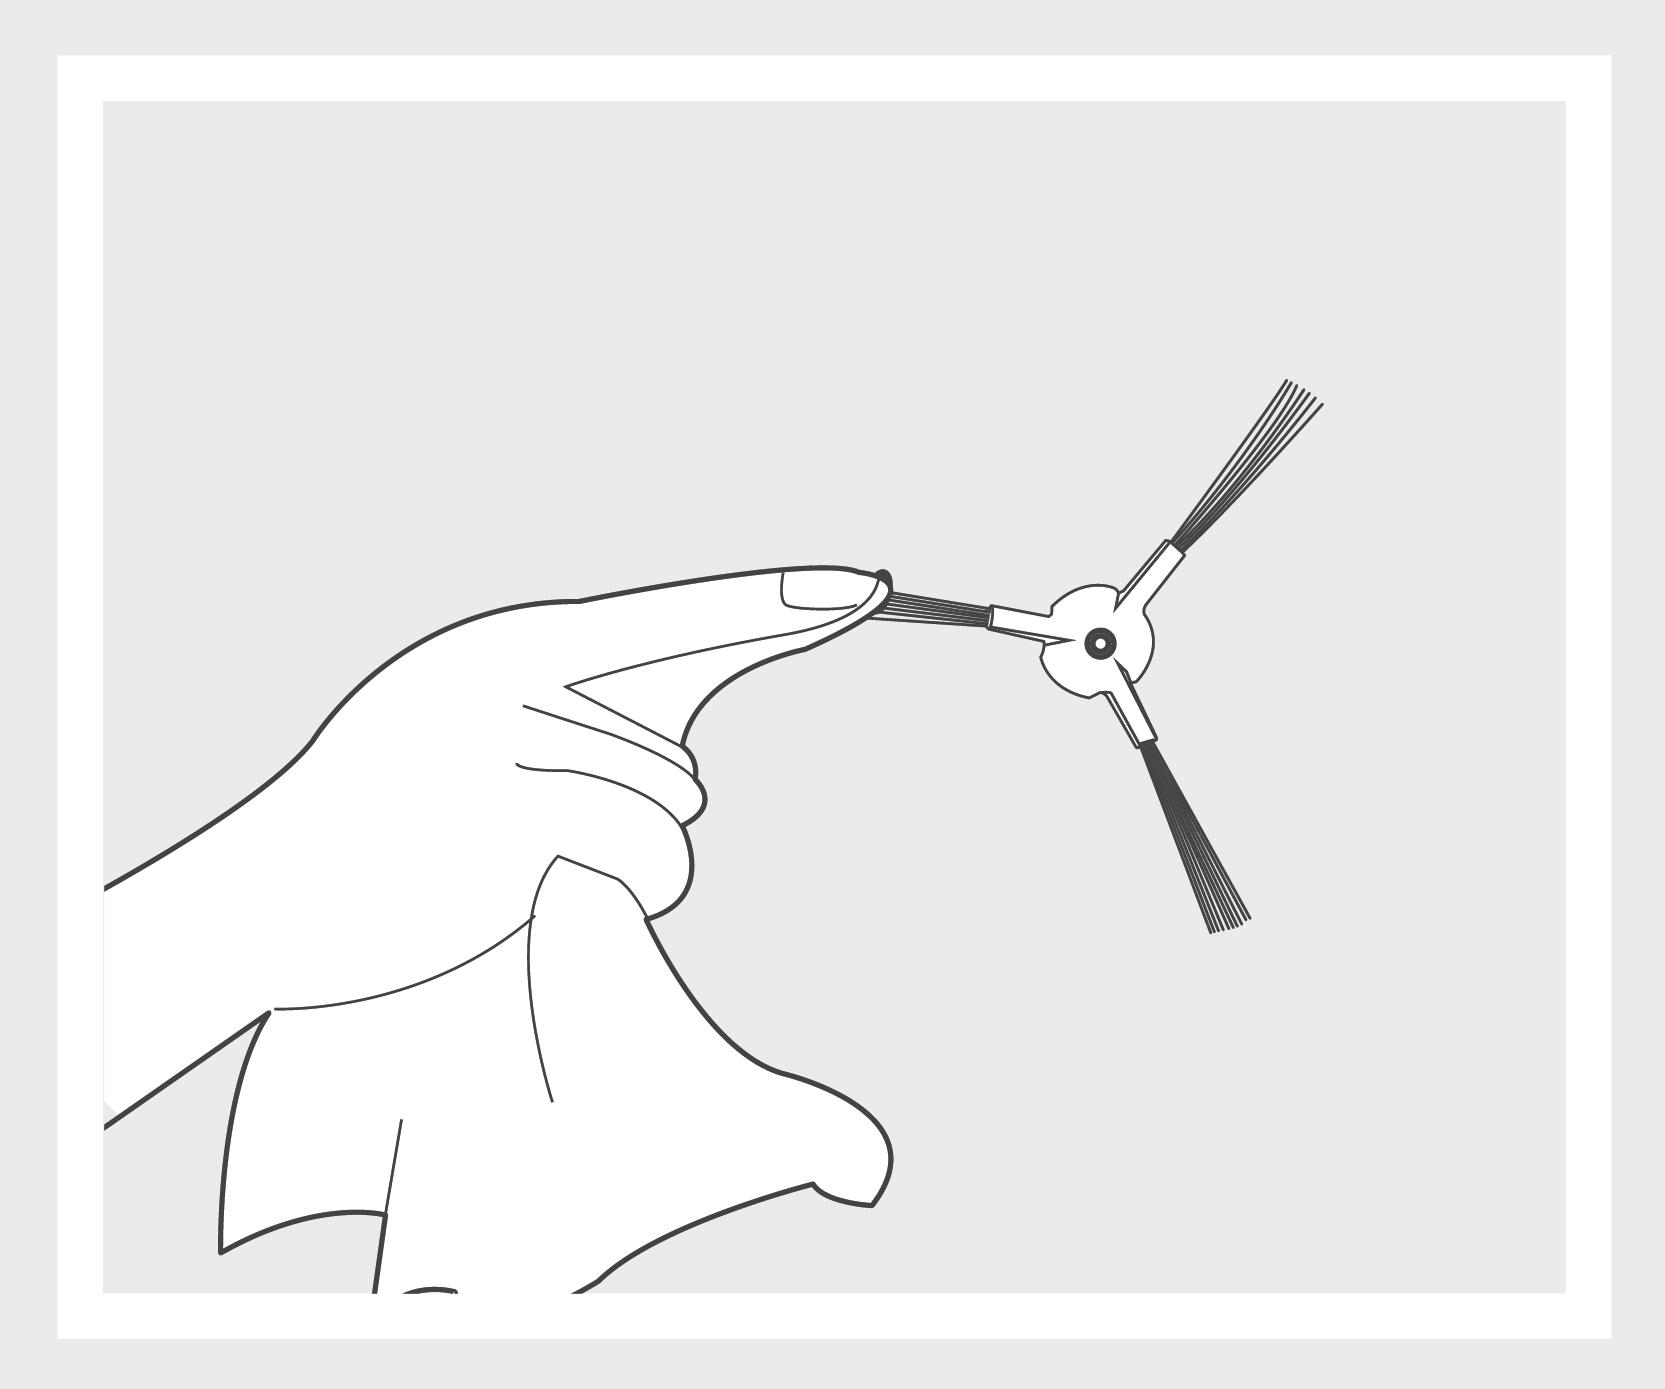 Robô Aspirador de Pó JETS J1 - Limpando as escovas laterais